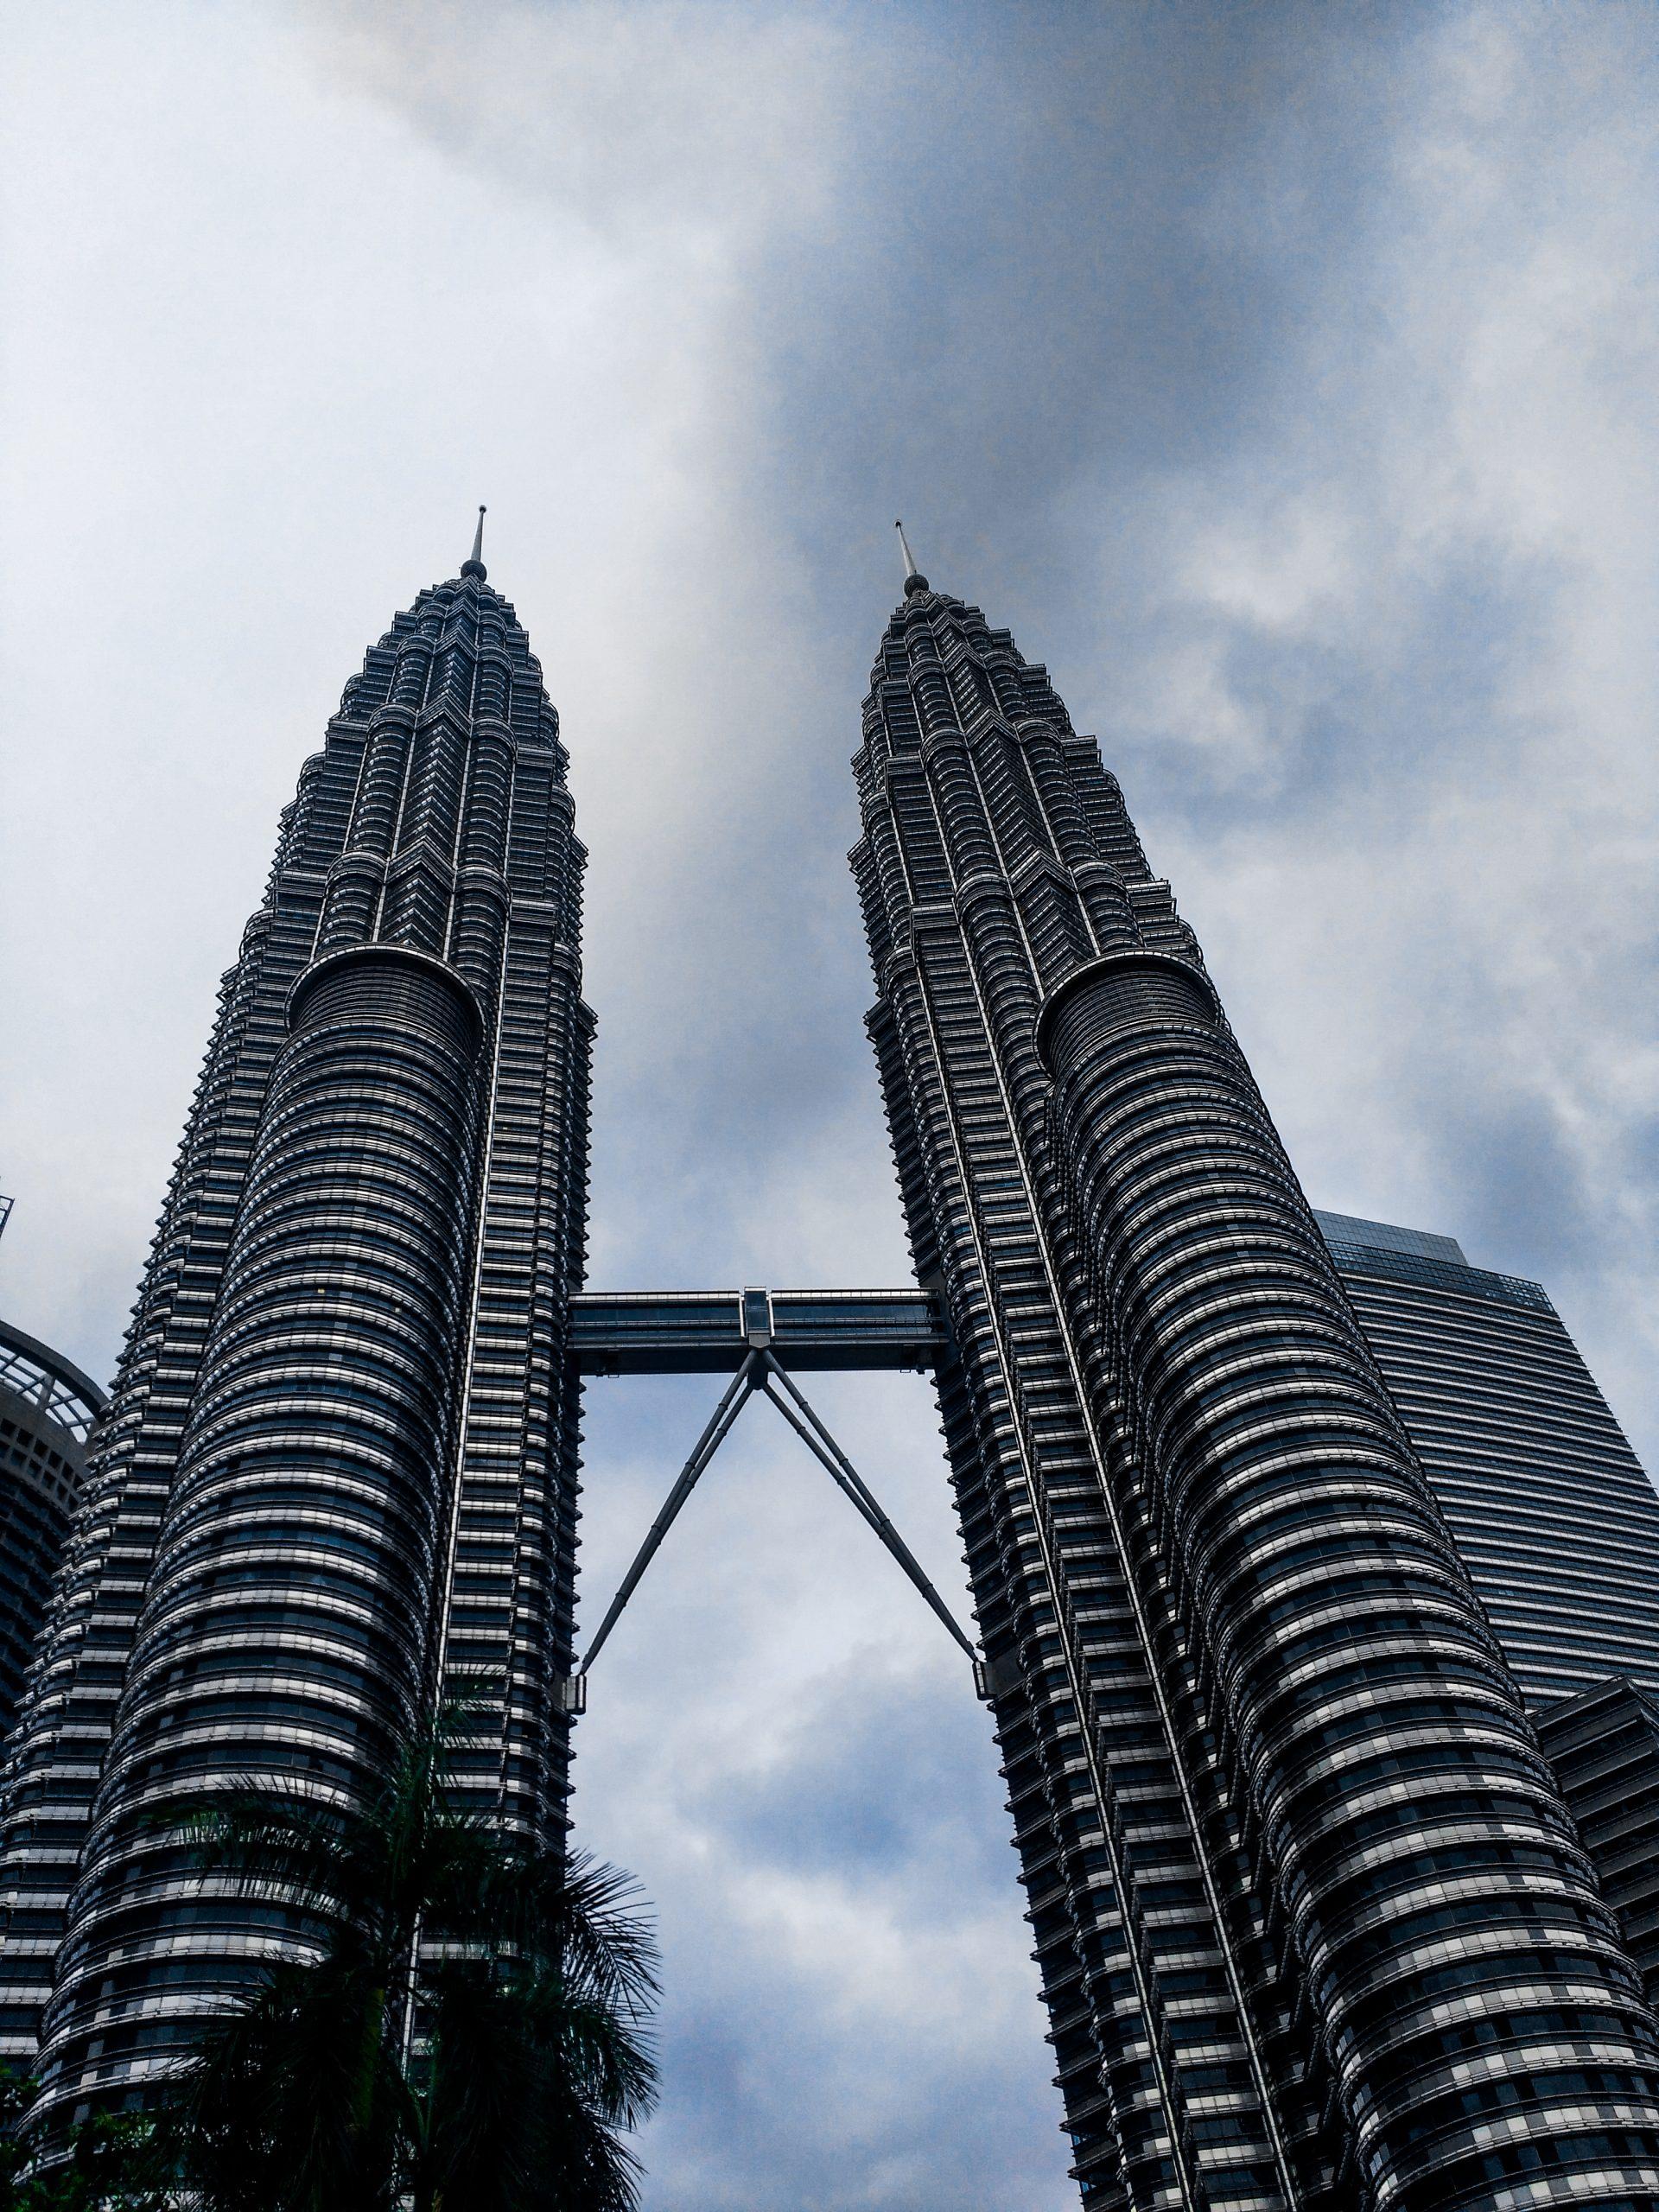 Petrona's Twin Tower in Malaysia